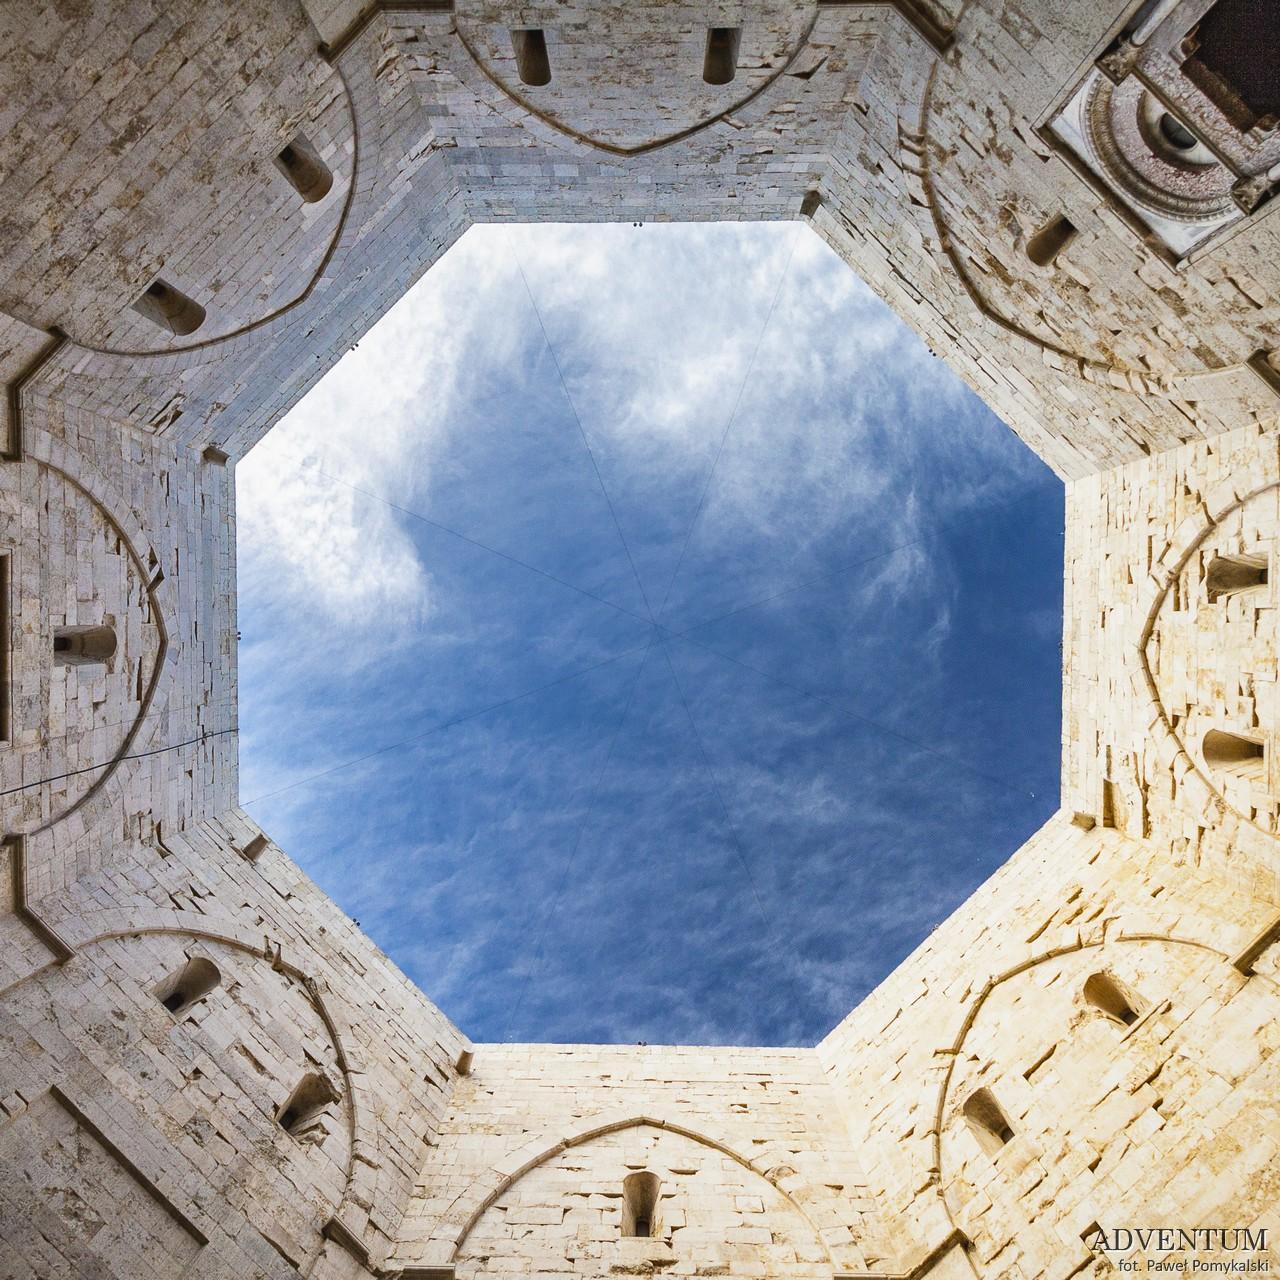 Apulia Puglia Włochy Italy Bari Przewodnik Alberobello Ostuni Polignano Vieste Castel Del Monte Trani Monopoli Lecce Bari